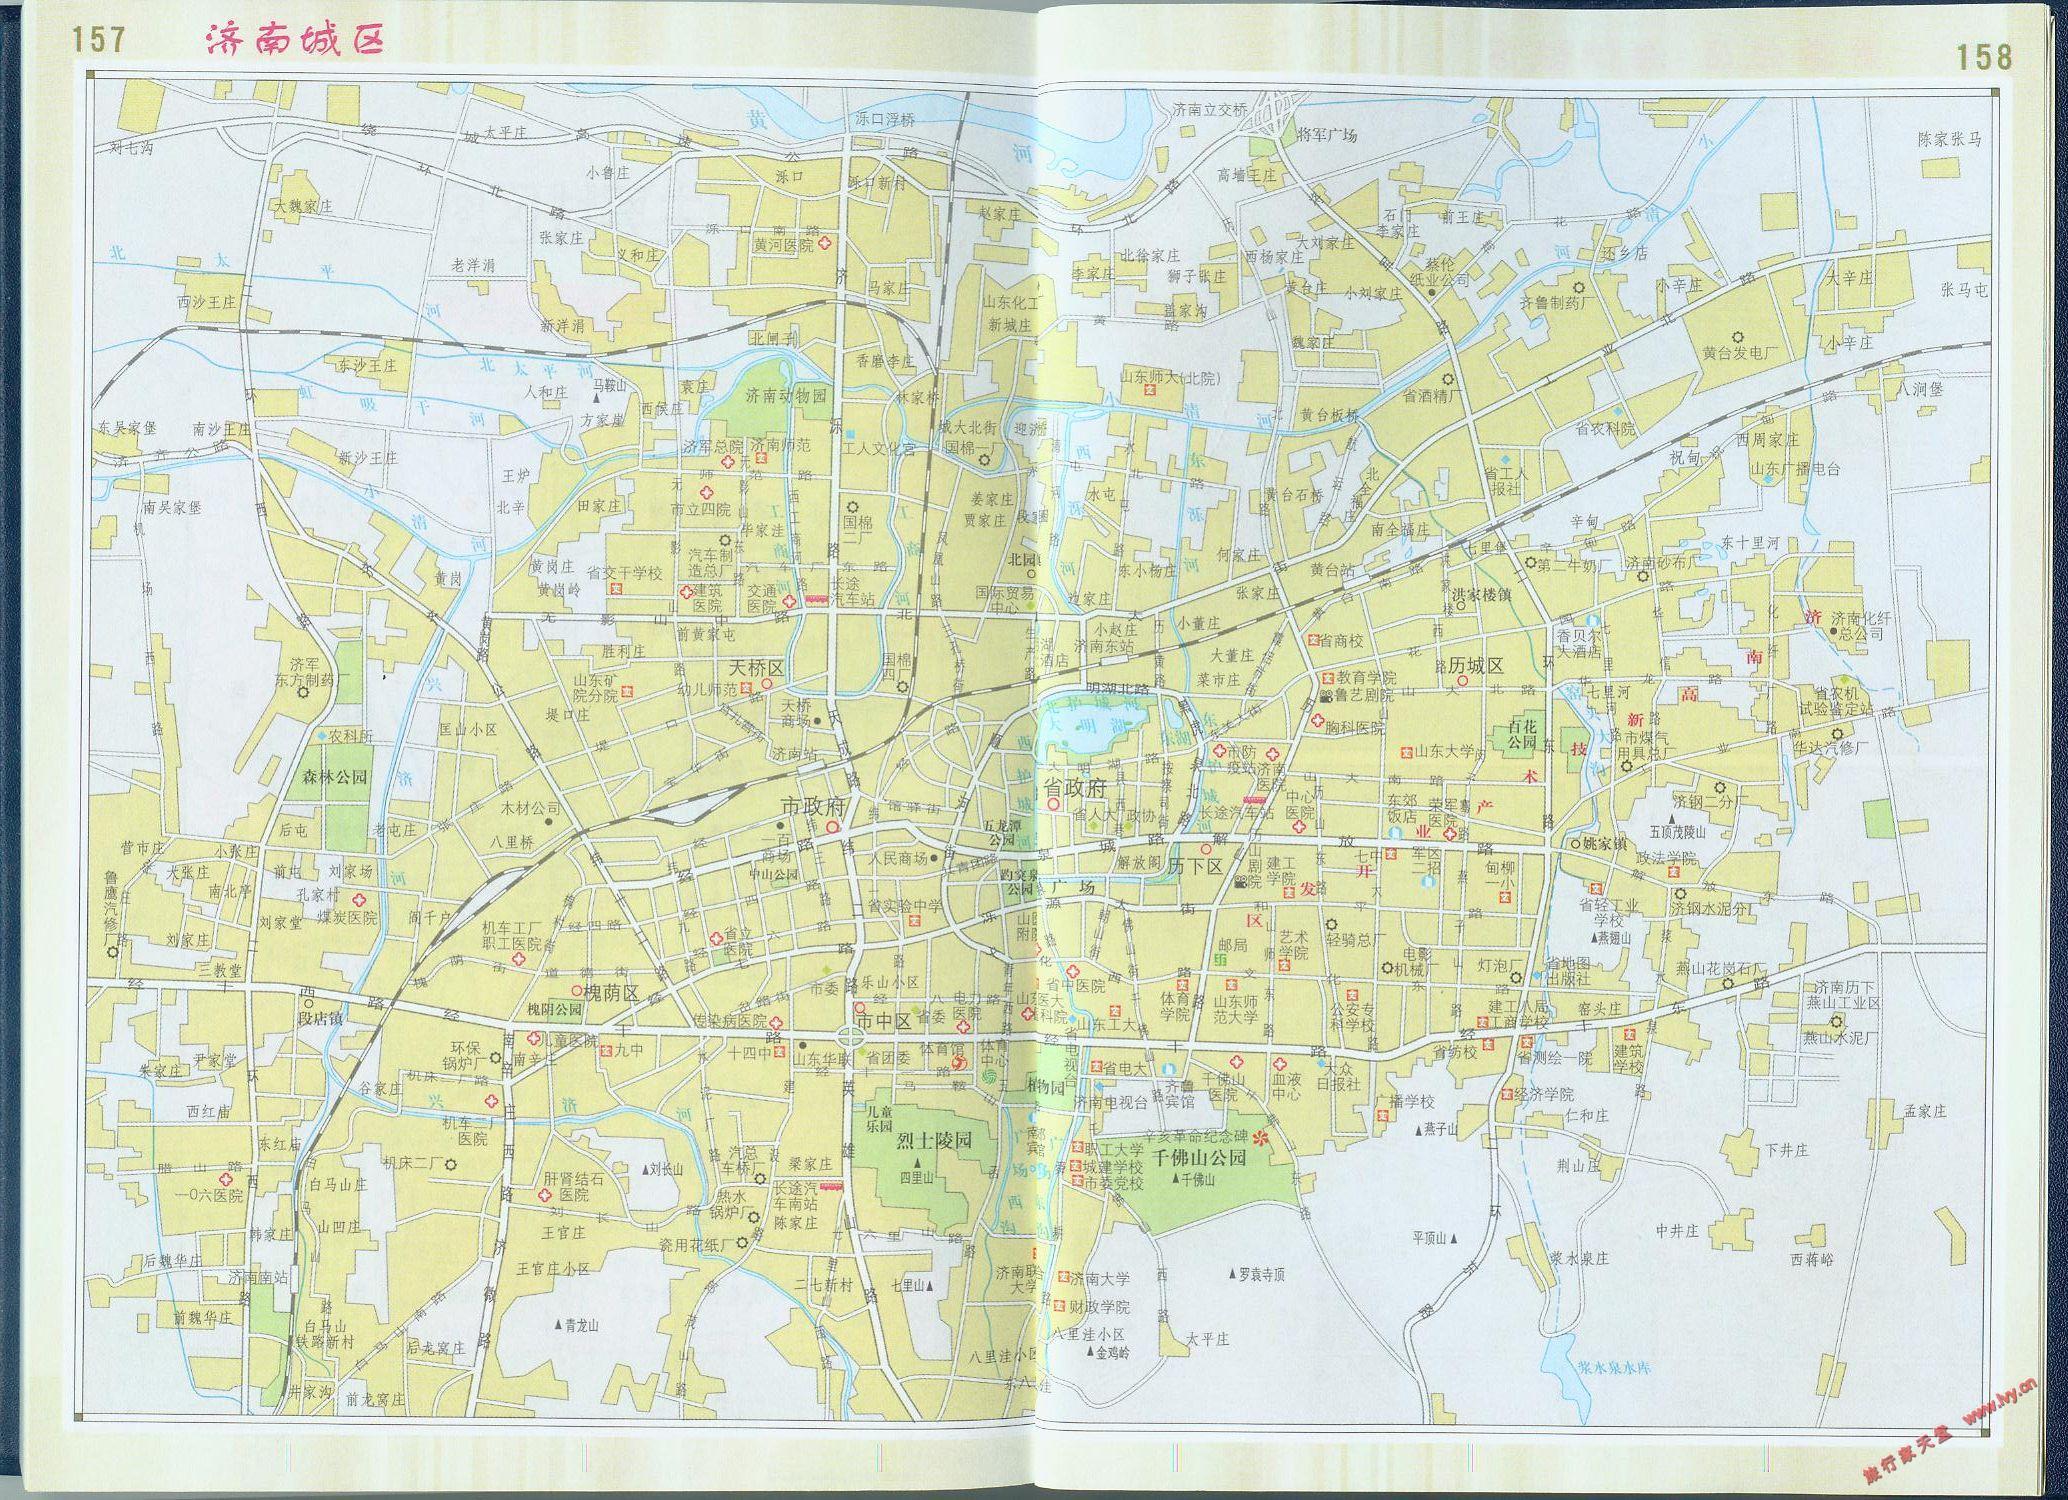 求山东省地形地图 和 济南城区详细地图 - 地图主版 -图片